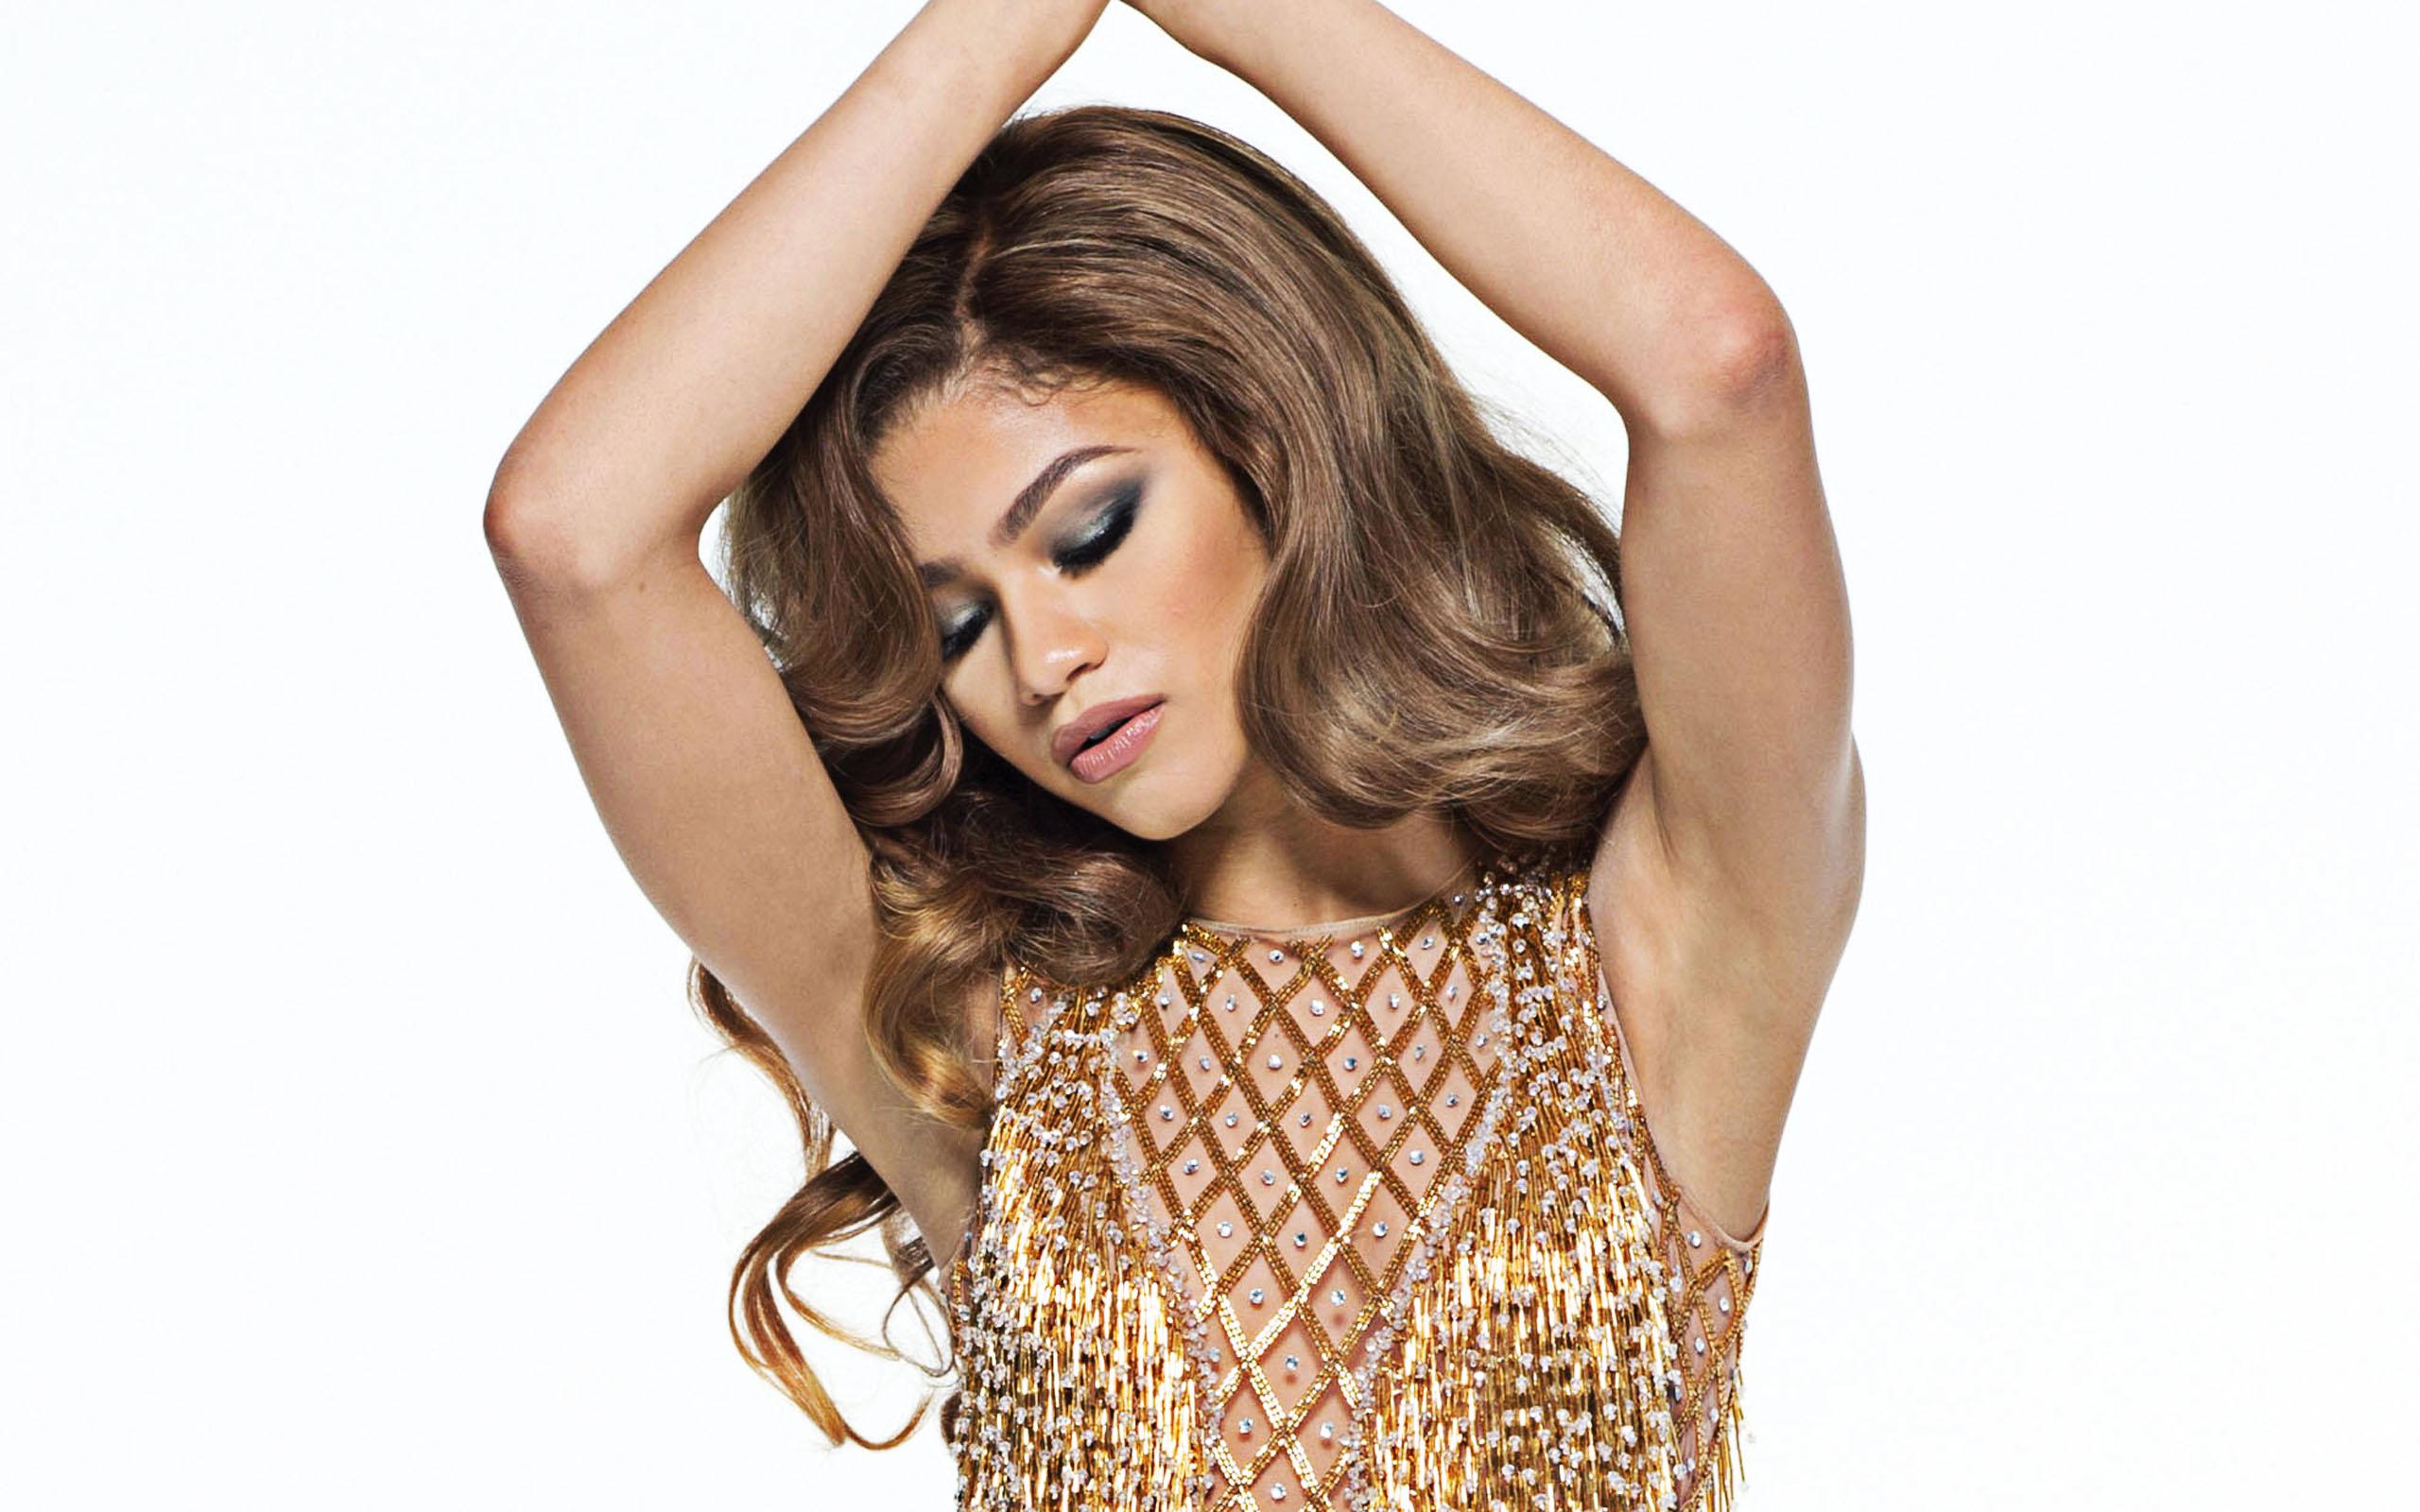 Fondos de pantalla Zendaya Coleman en vestido dorado